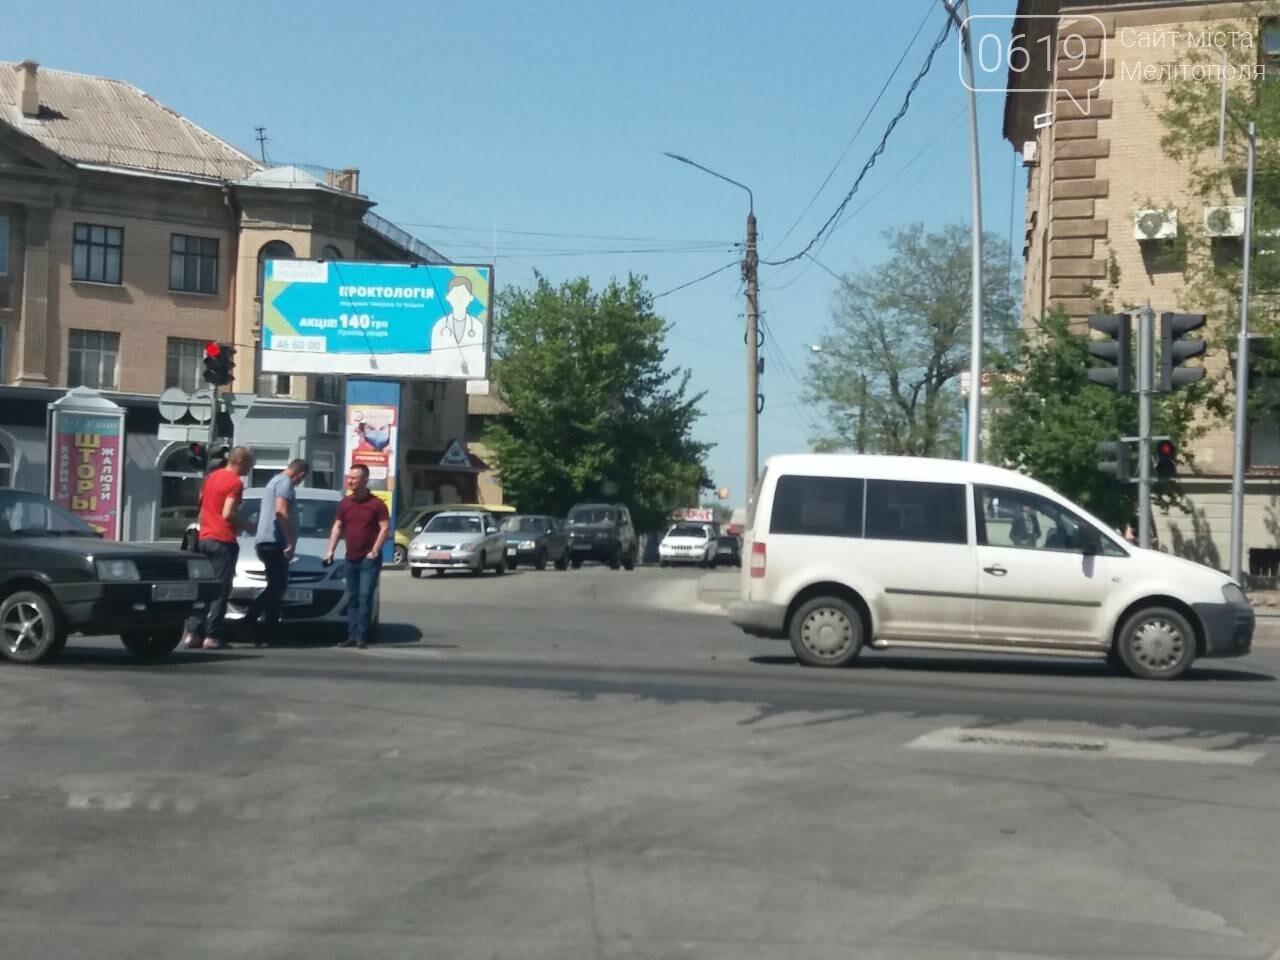 В Мелитополе столкнулись Volkswagen и Opel, - ФОТО, фото-4, Фото сайта 0619